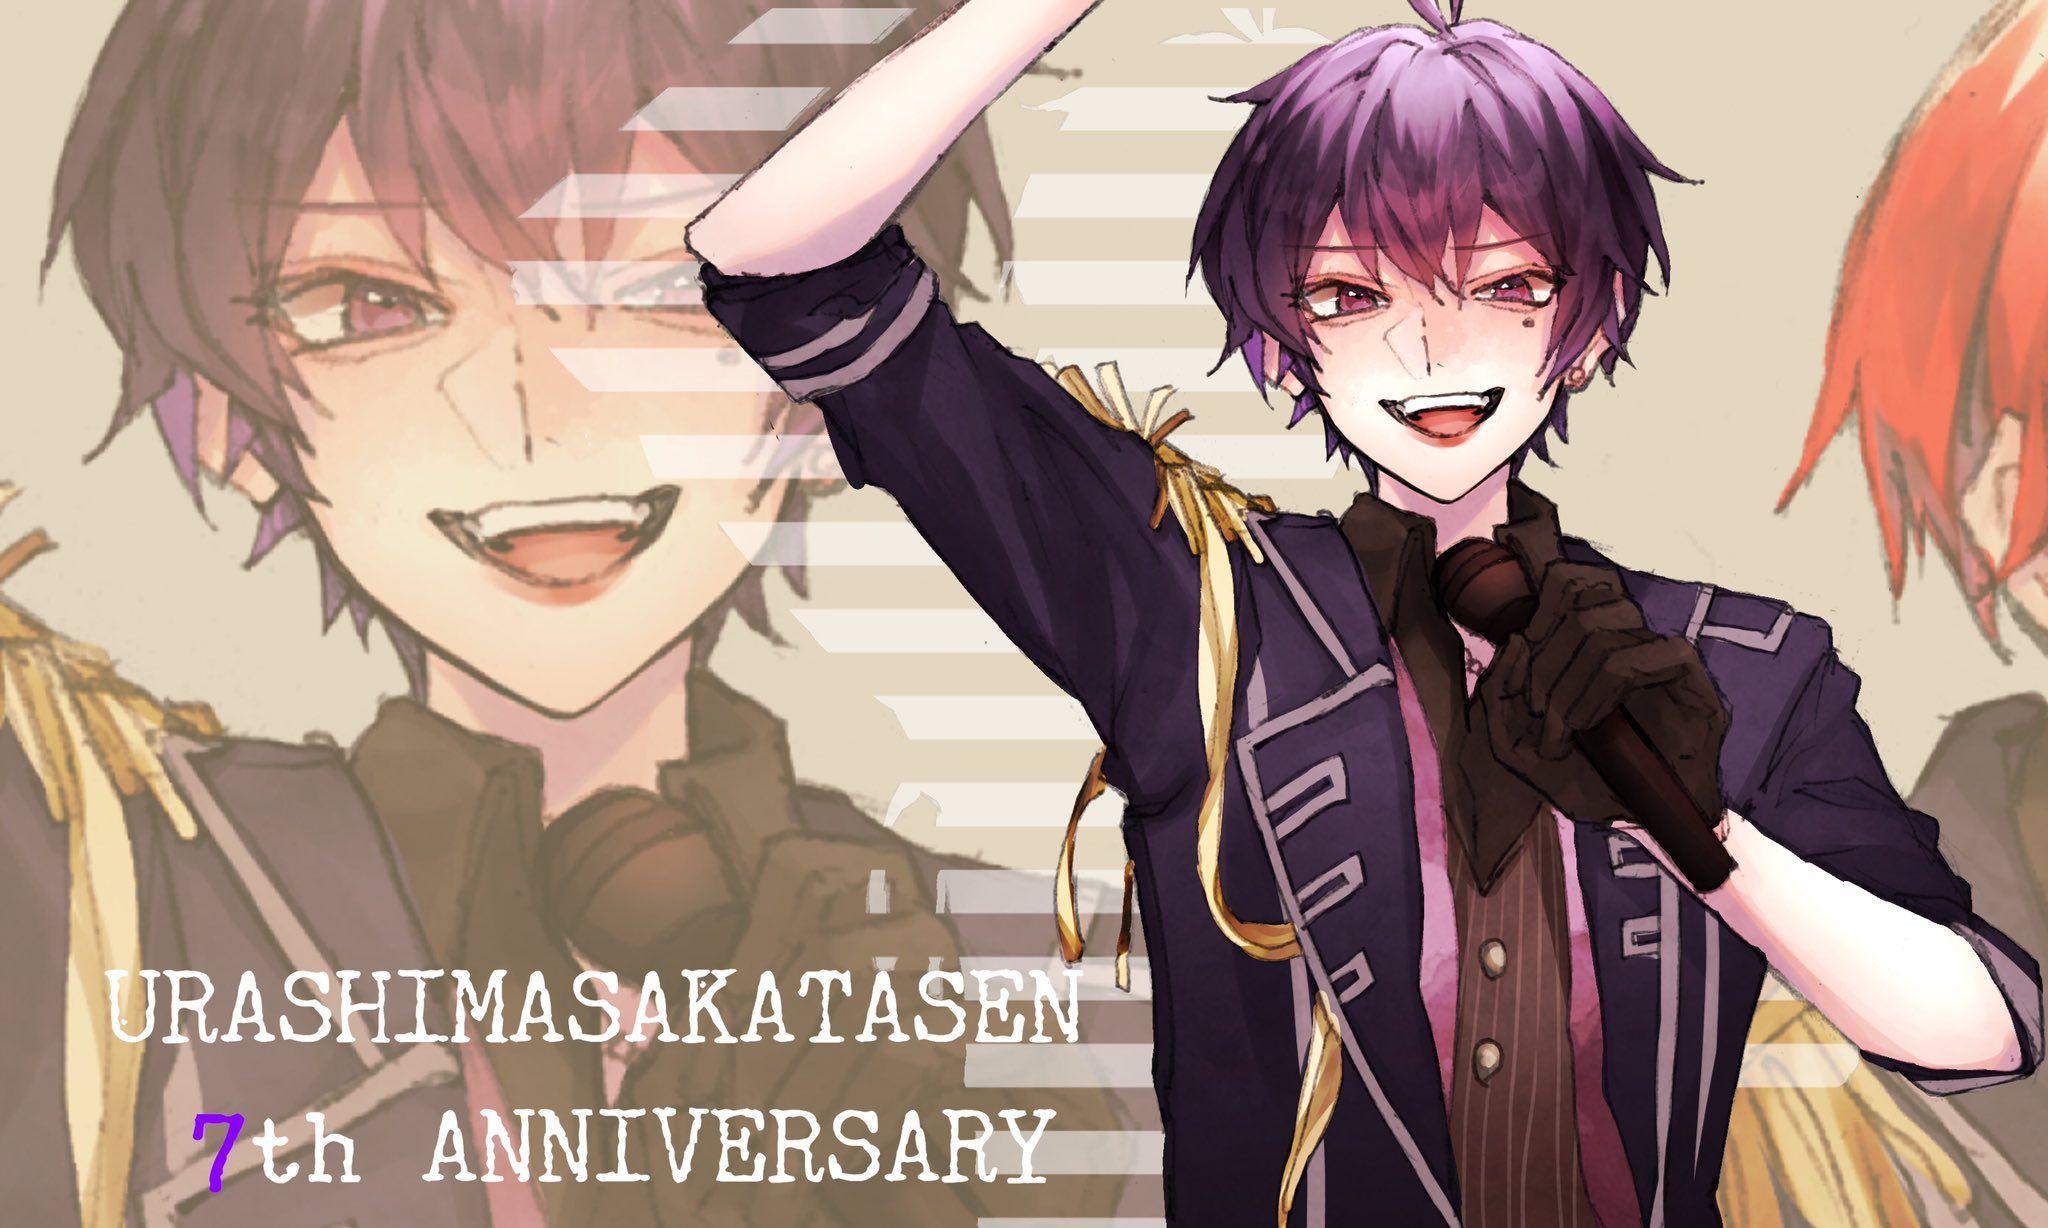 座敷鷹 on twitter 7th anniversary anime base sakata